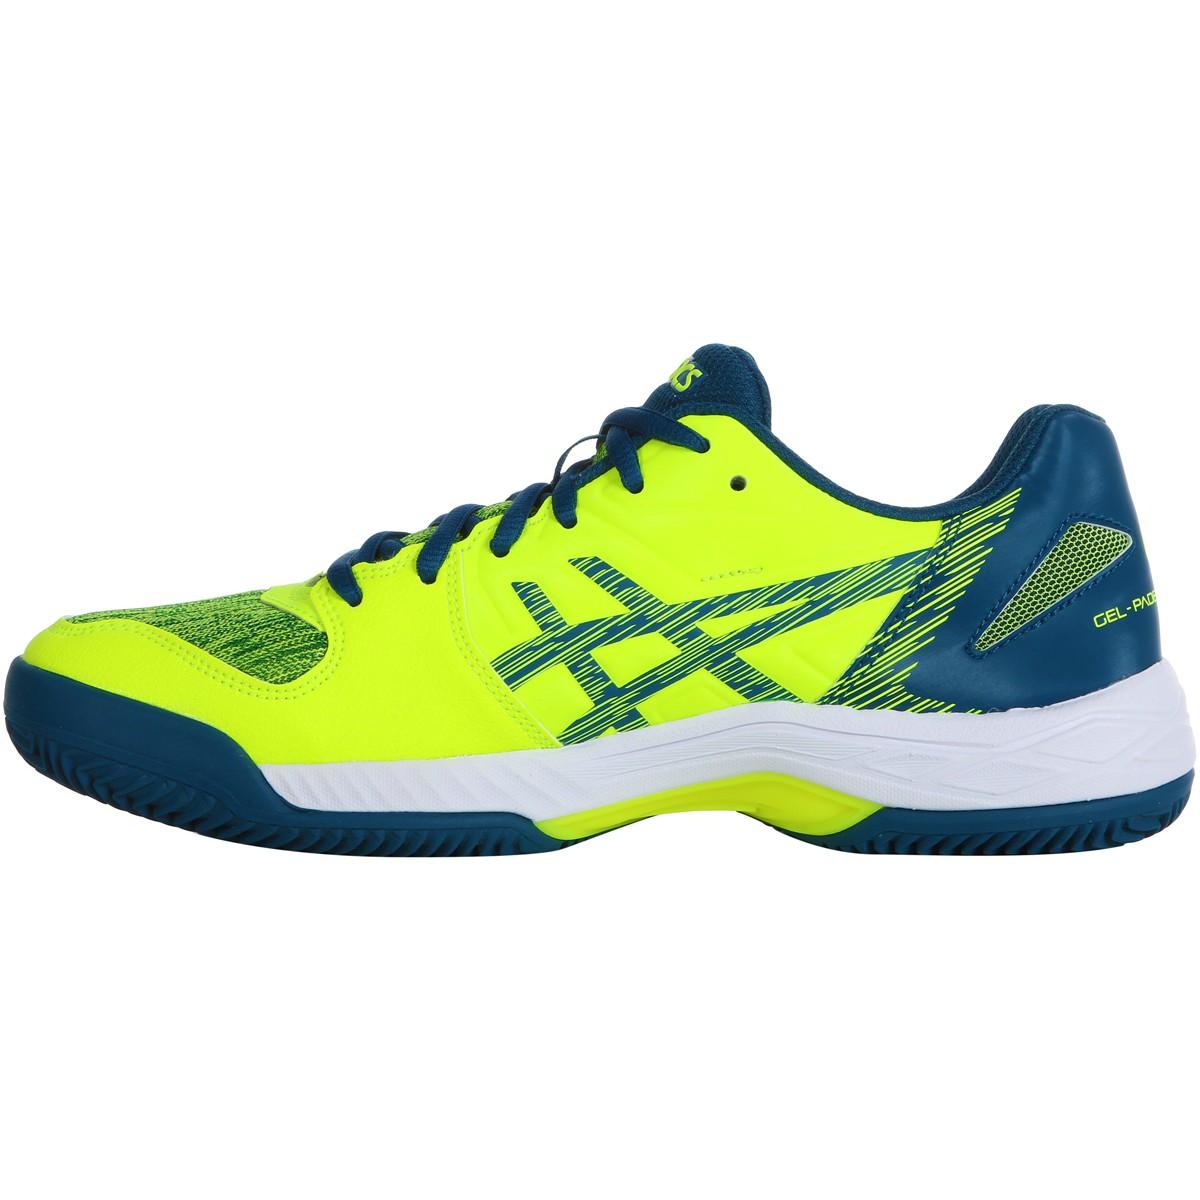 scarpe tennis asics terra rossa